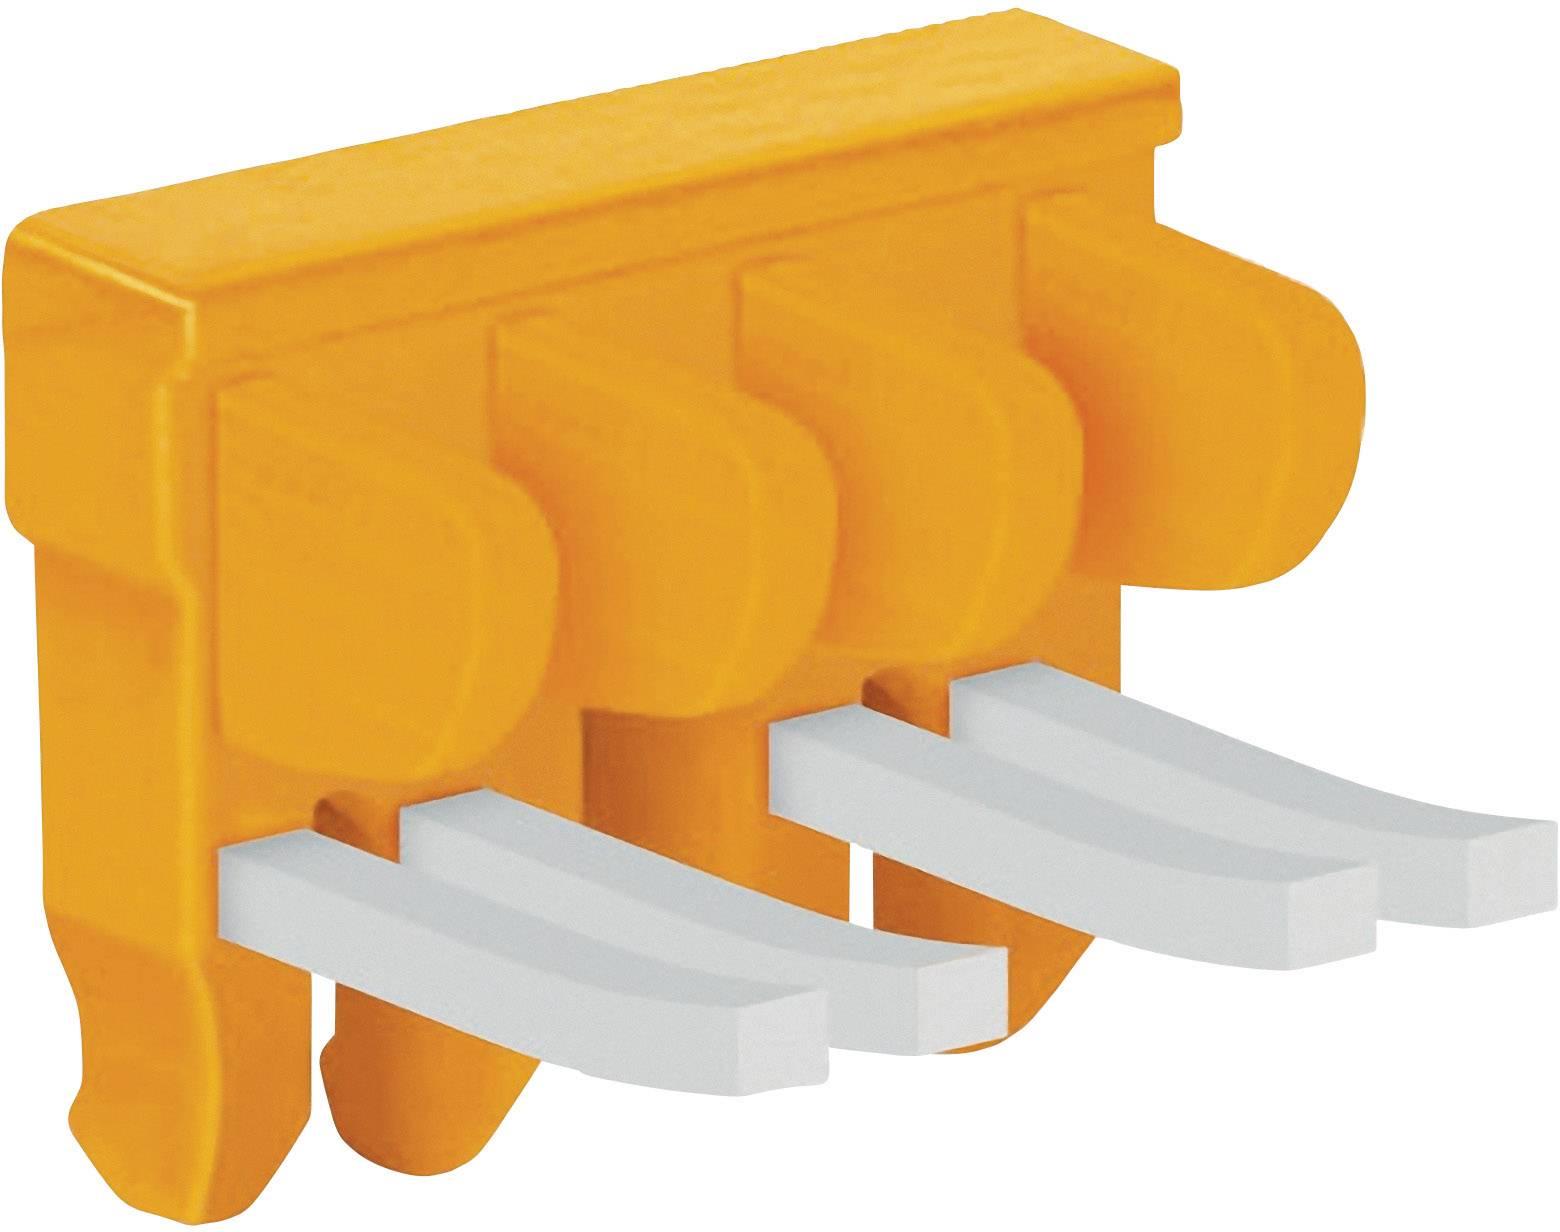 Spínací můstek Wago (2007-8447), 7násobný, oranžová